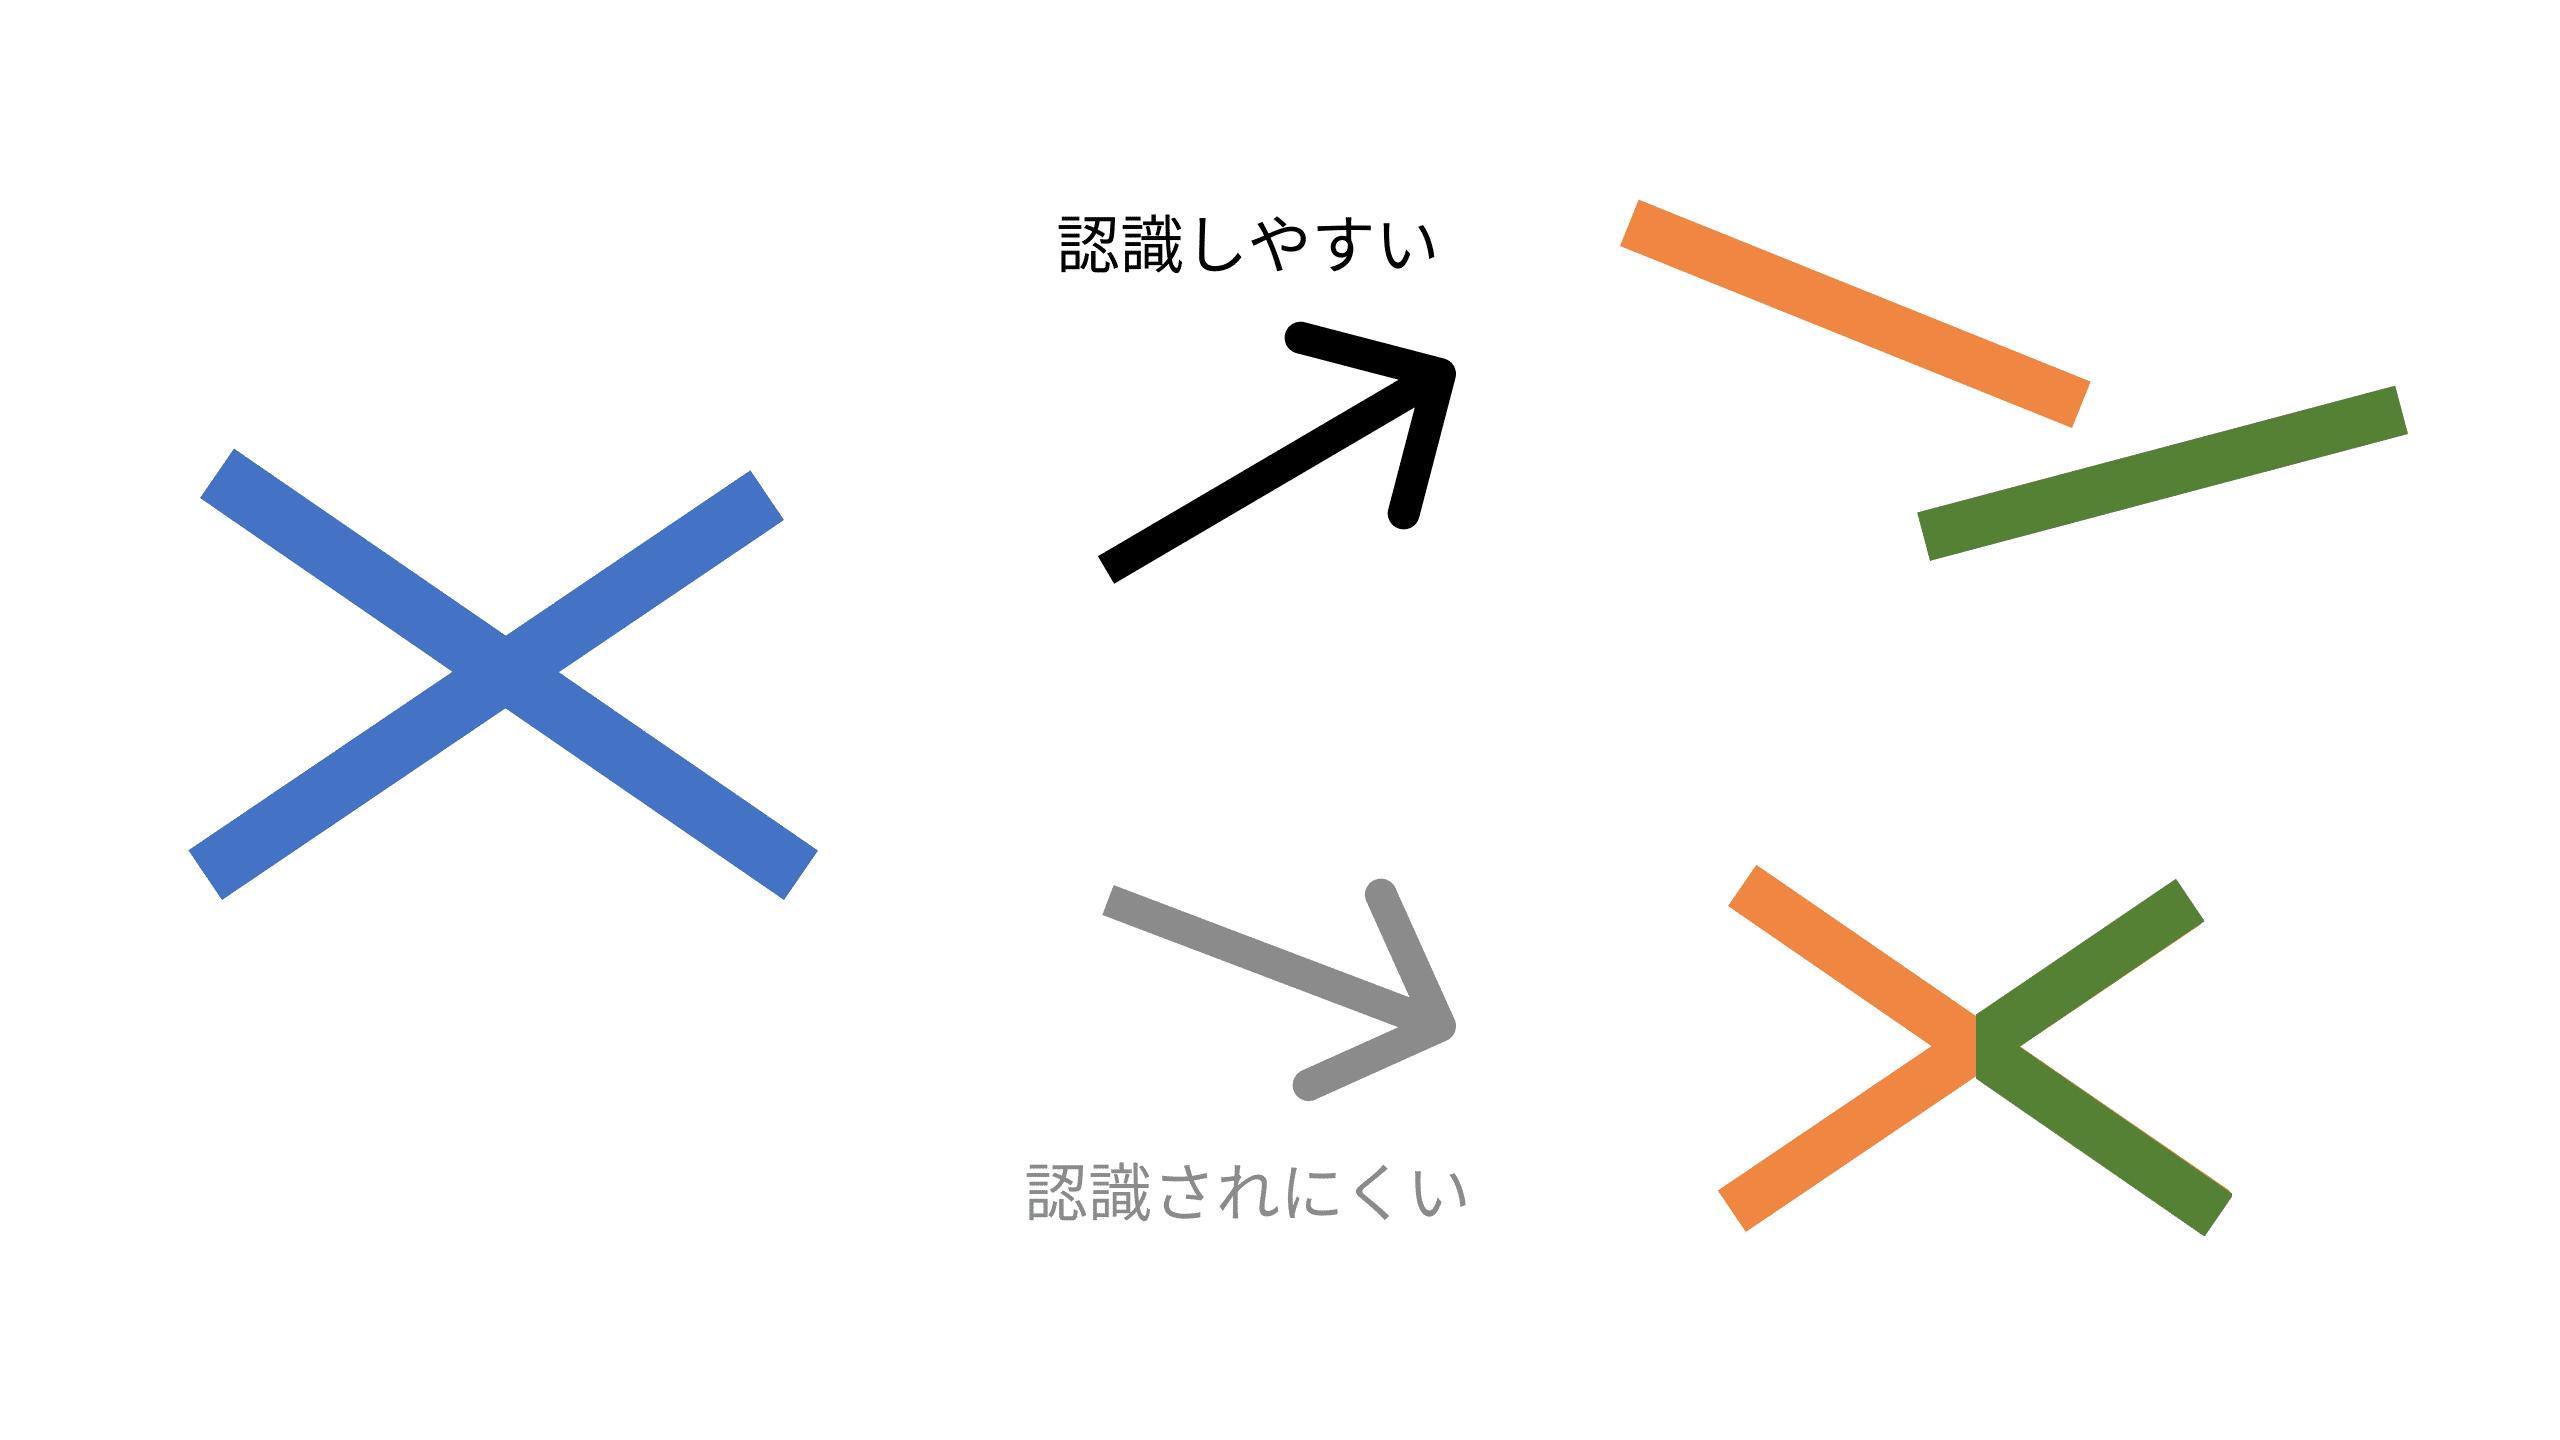 2本の線が交差していると認識する図